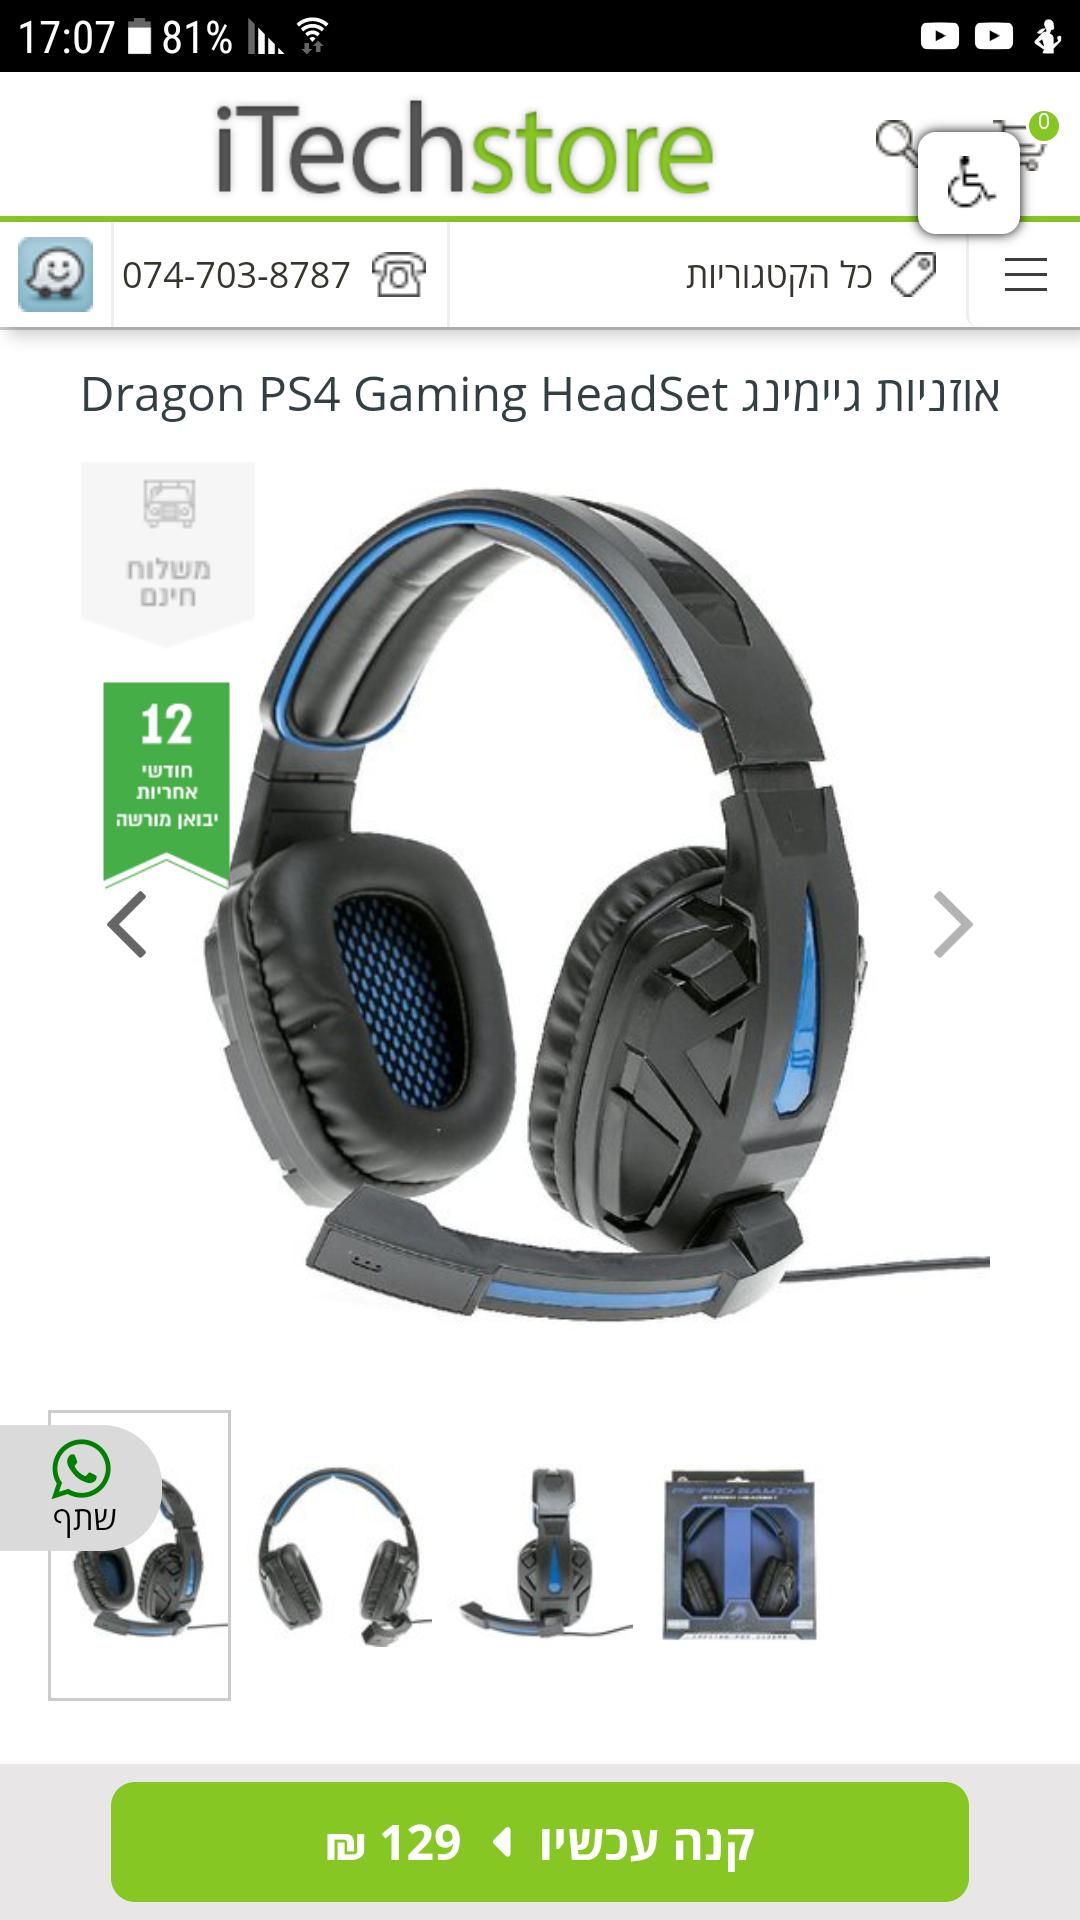 האחרון אוזניות לסוני עד 100 שקל - FXP BL-34